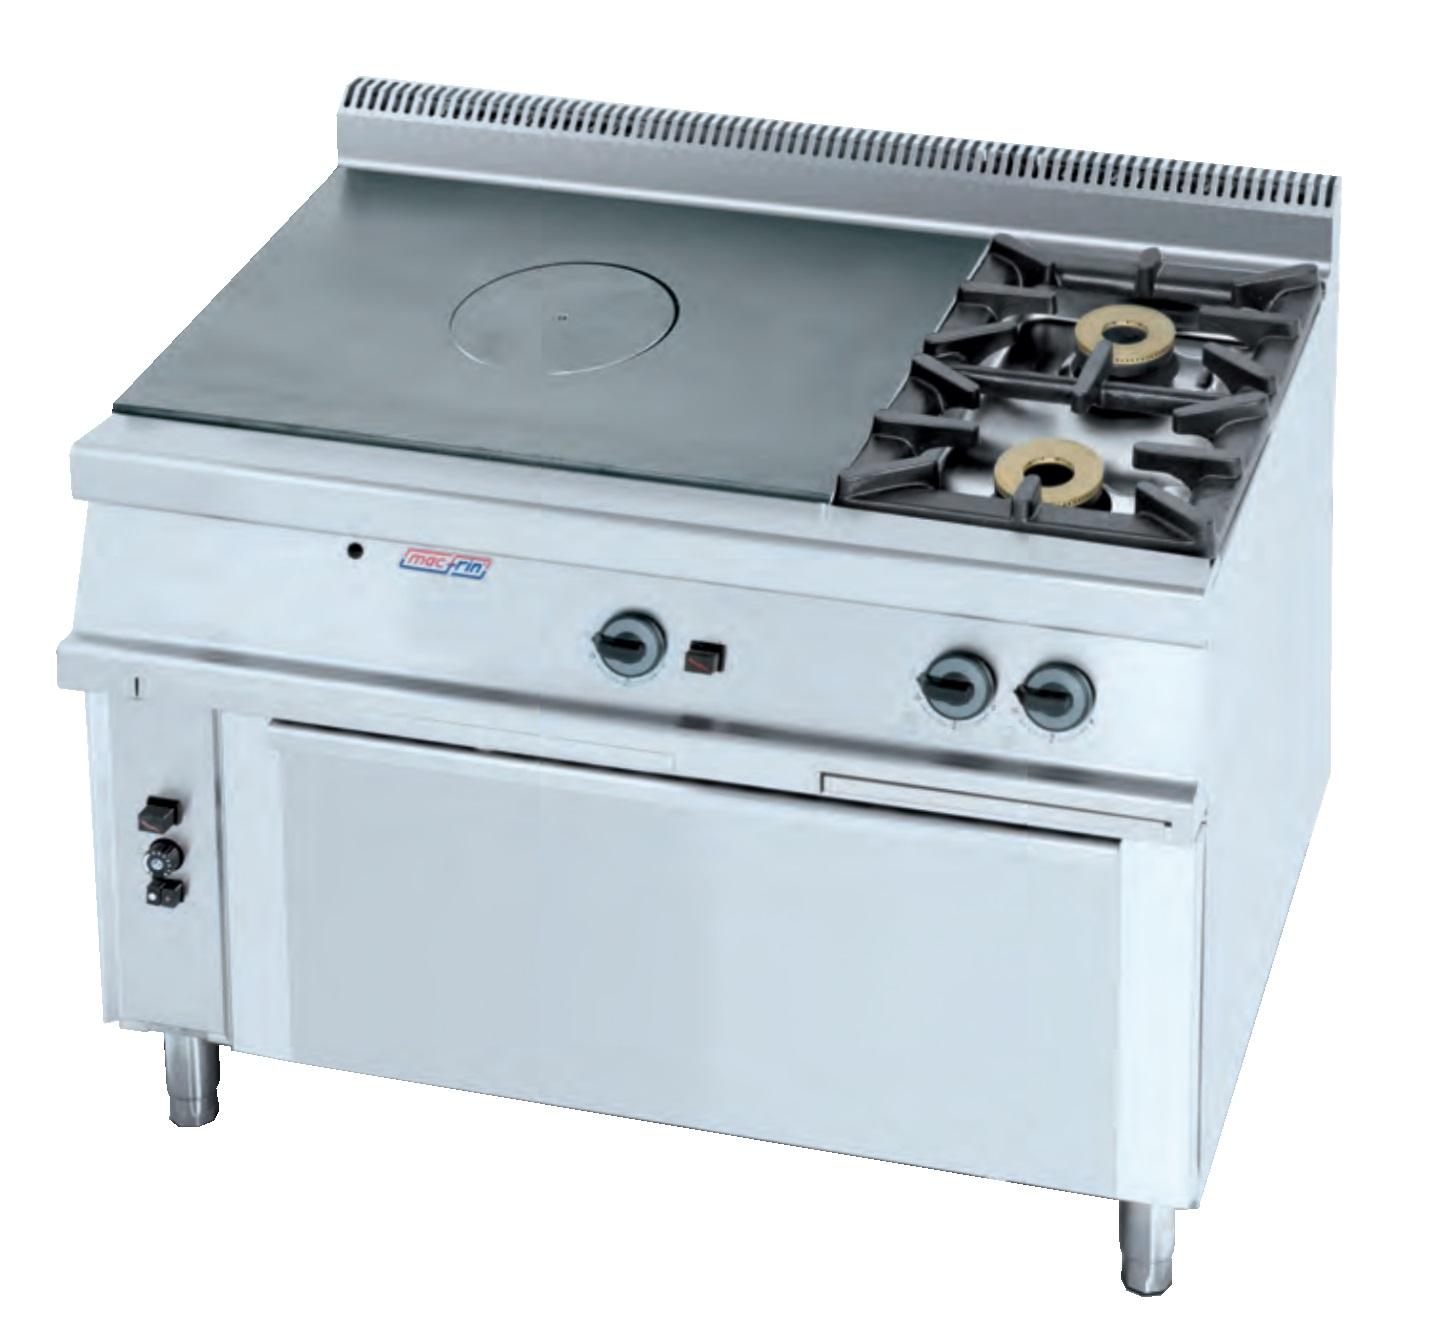 Cocina plancha a gas eurast 5011 3 fuegos - Cocina gas 3 fuegos ...